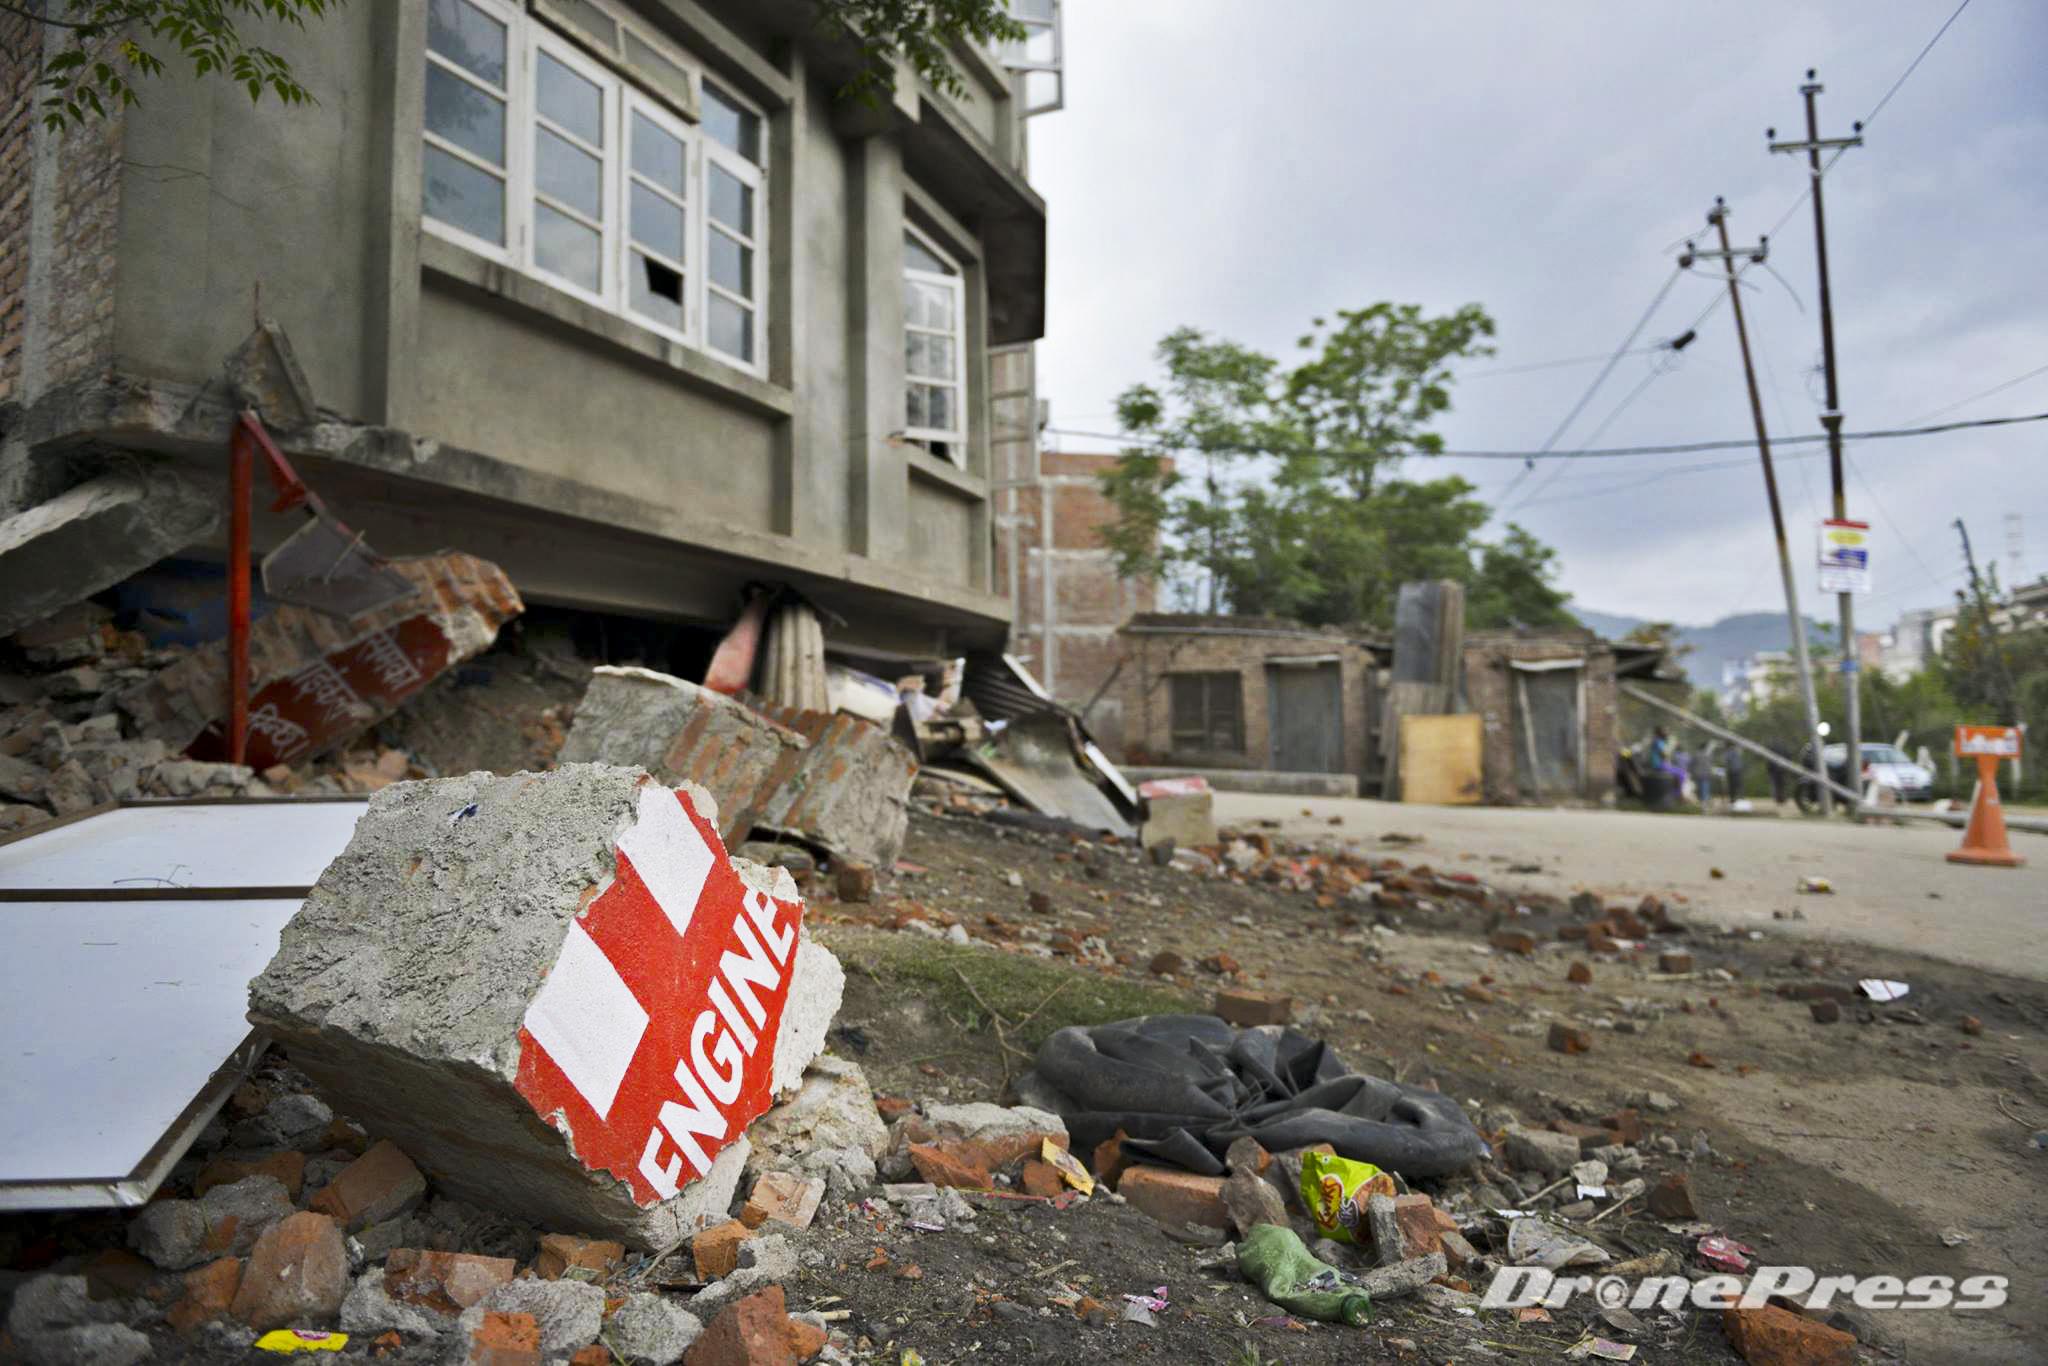 4월 29일 대지진이 휩쓸고 지나간 네팔 카트만두 거리의 모습 - 드론프레스 제공